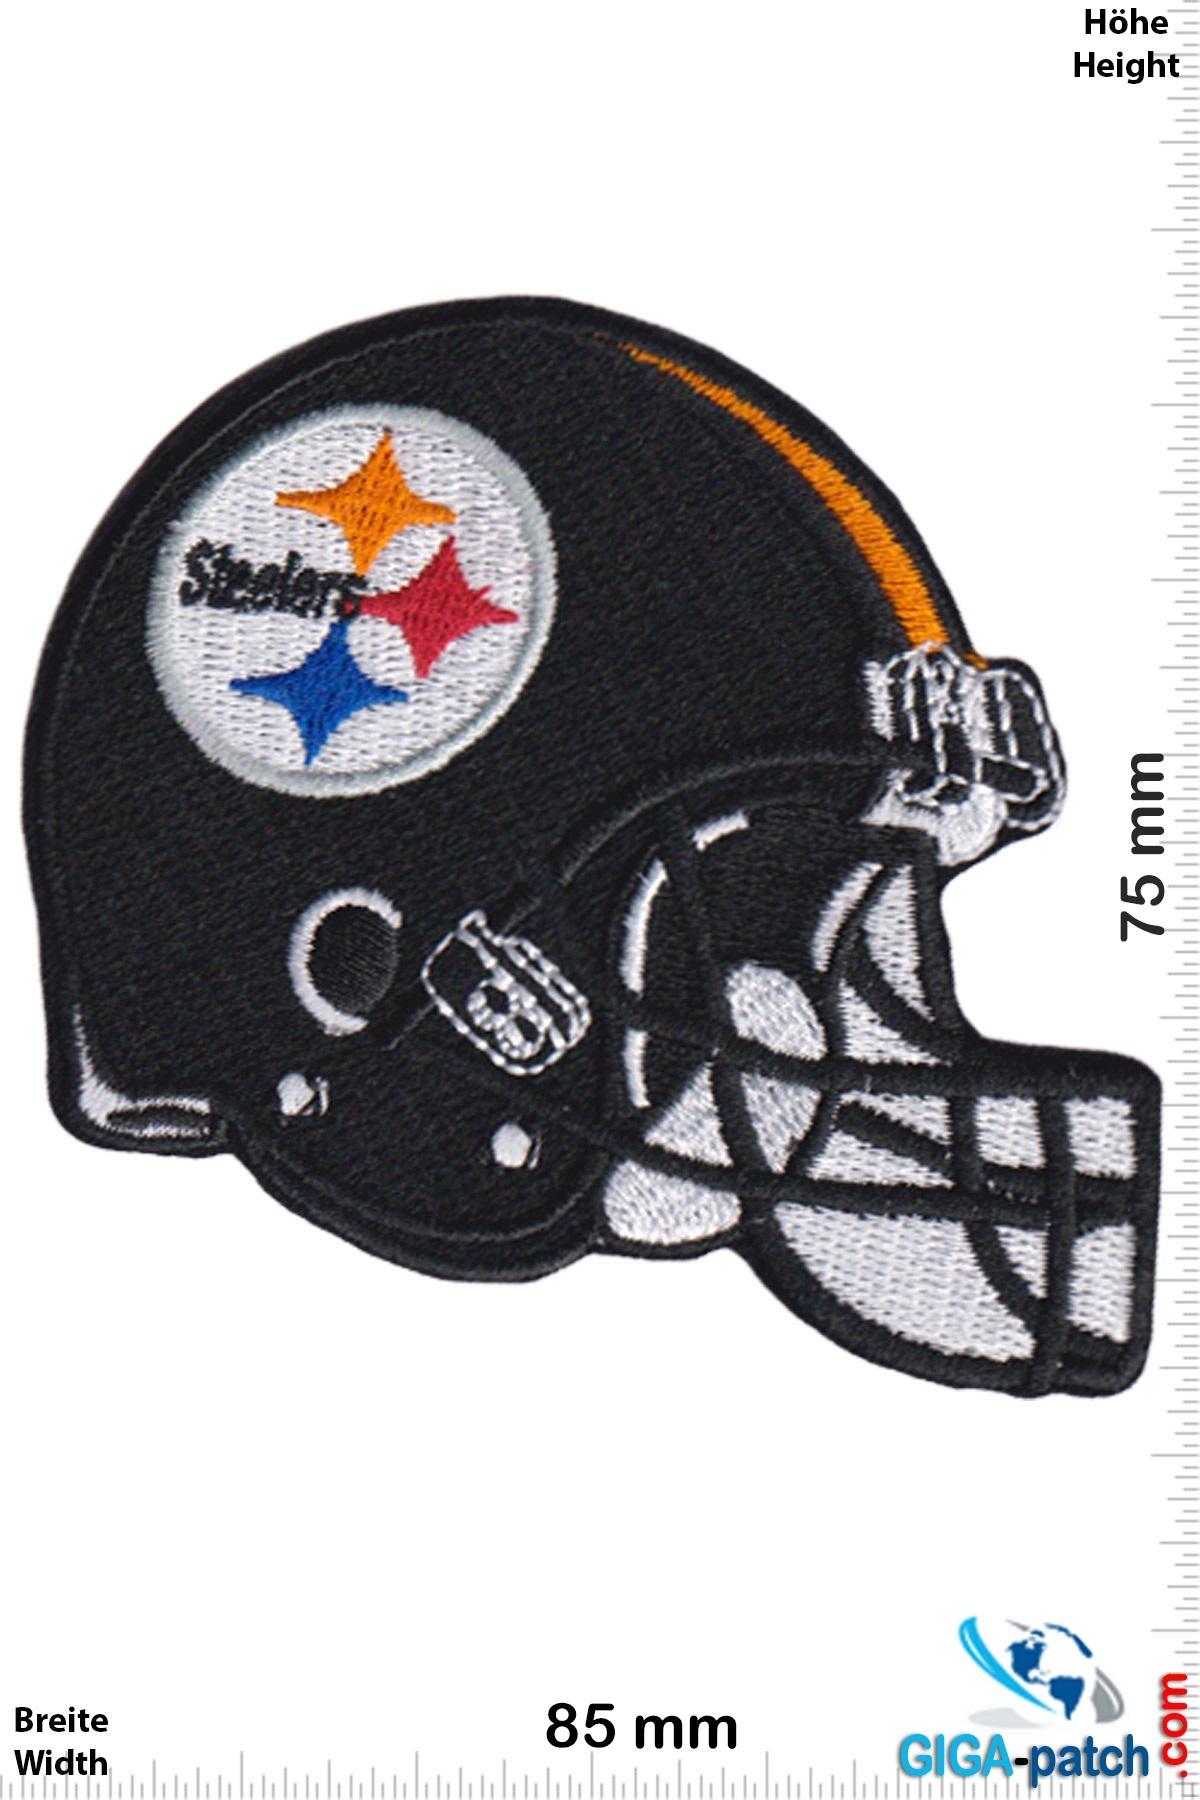 Pittsburgh Steelers Pittsburgh Steelers - Helmet - NFL USA